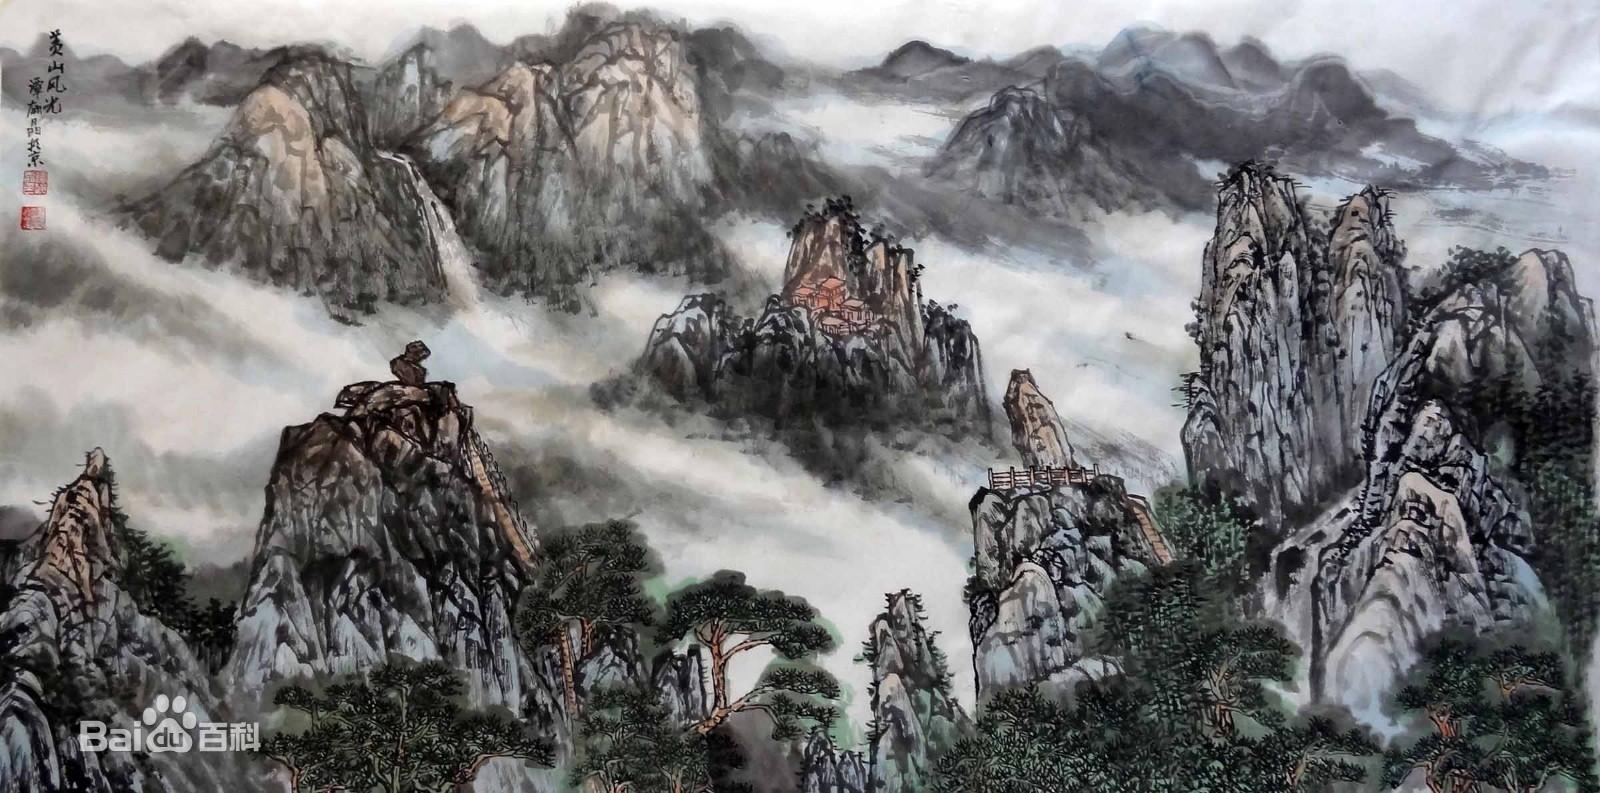 国画看风景之三山——黄山、庐山、雁荡山